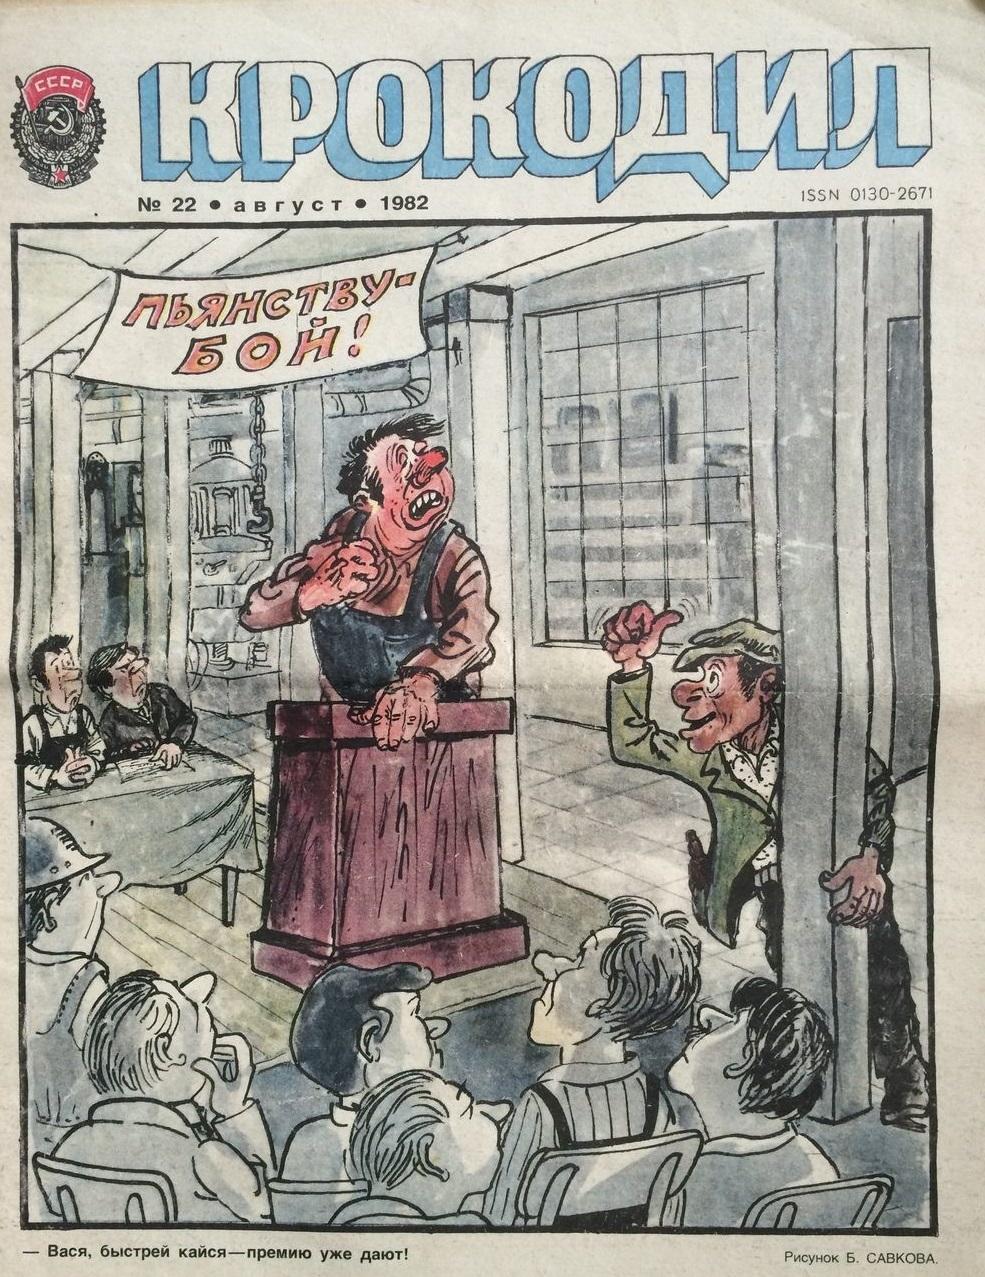 Как в СССР высмеивали партию, чиновников и государство: 16 фото колких шуток из советских журналов - Крокодил, Бегемот, Пачемыш